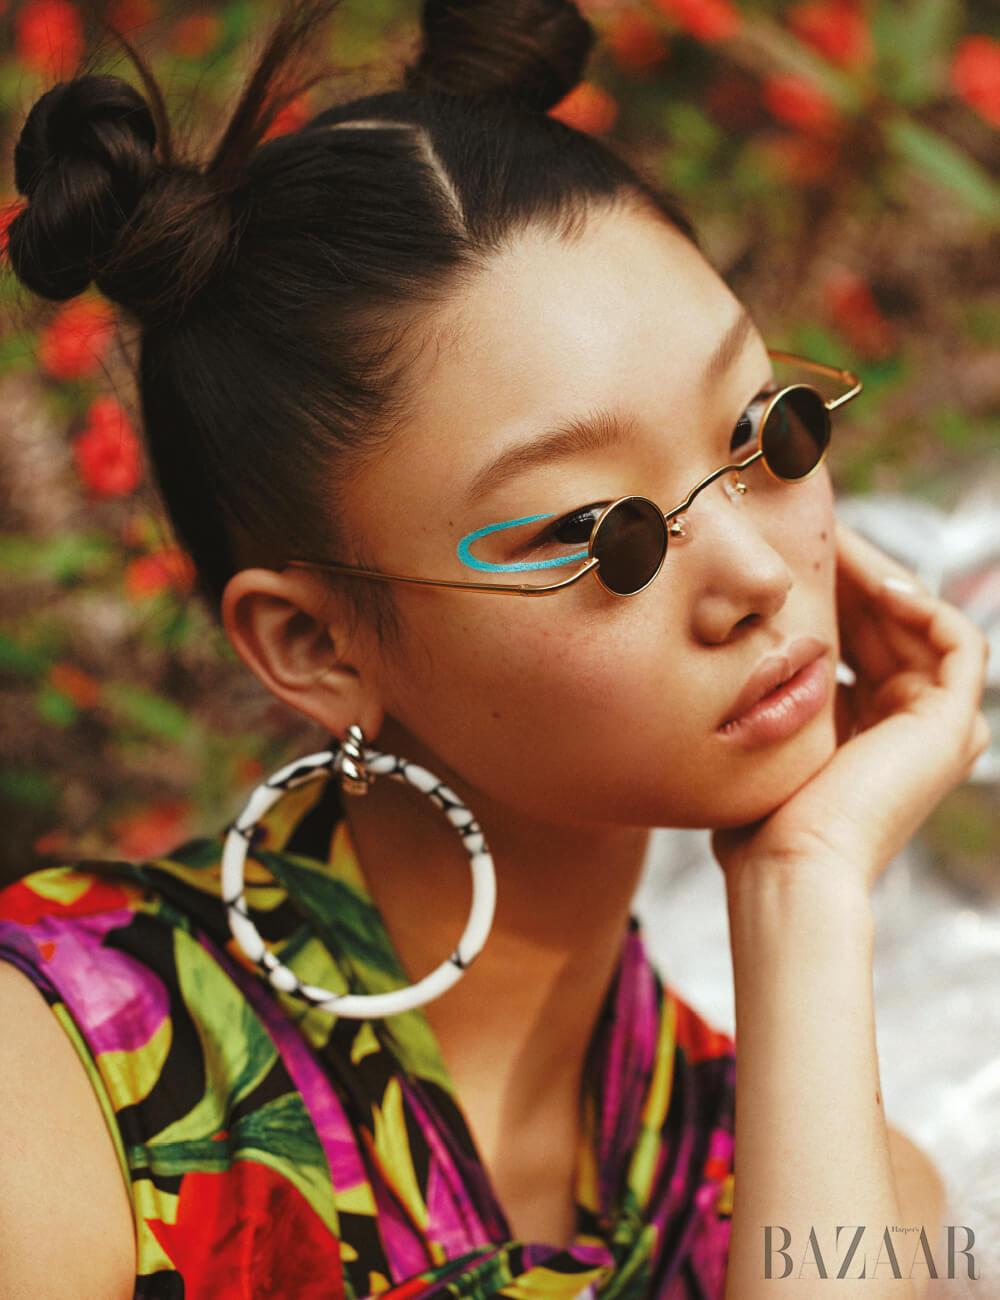 슬리브리스 톱, 귀고리는 모두 Balenciaga, 선글라스는 26만5천원 Projekt Produkt × Studio Kunsik.